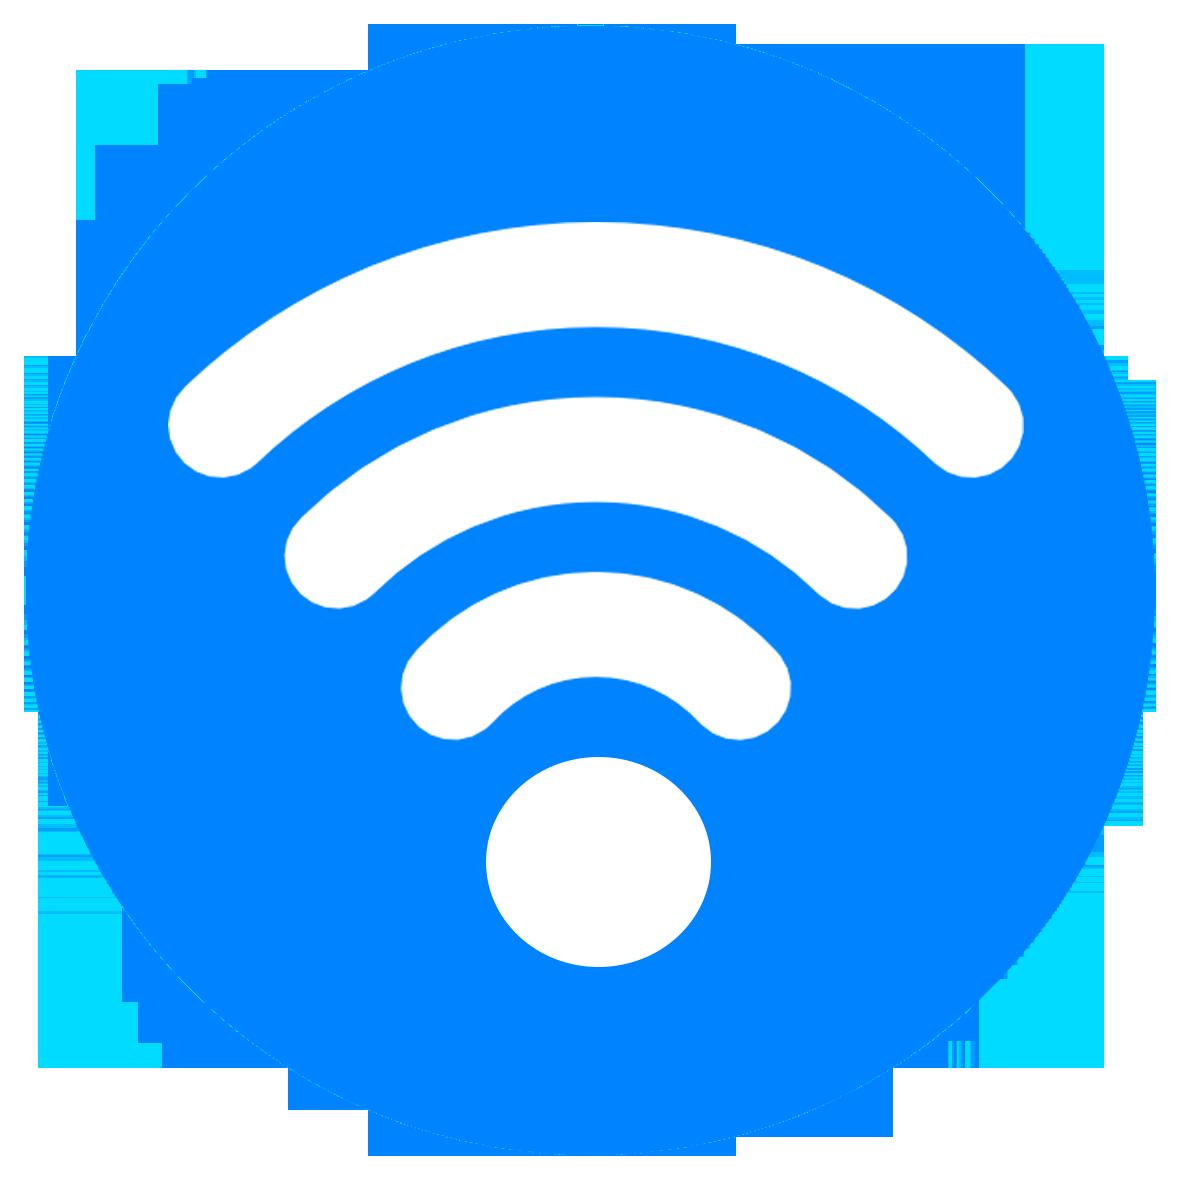 Résoudre le problème de Wi-Fi sous iOS 12/11